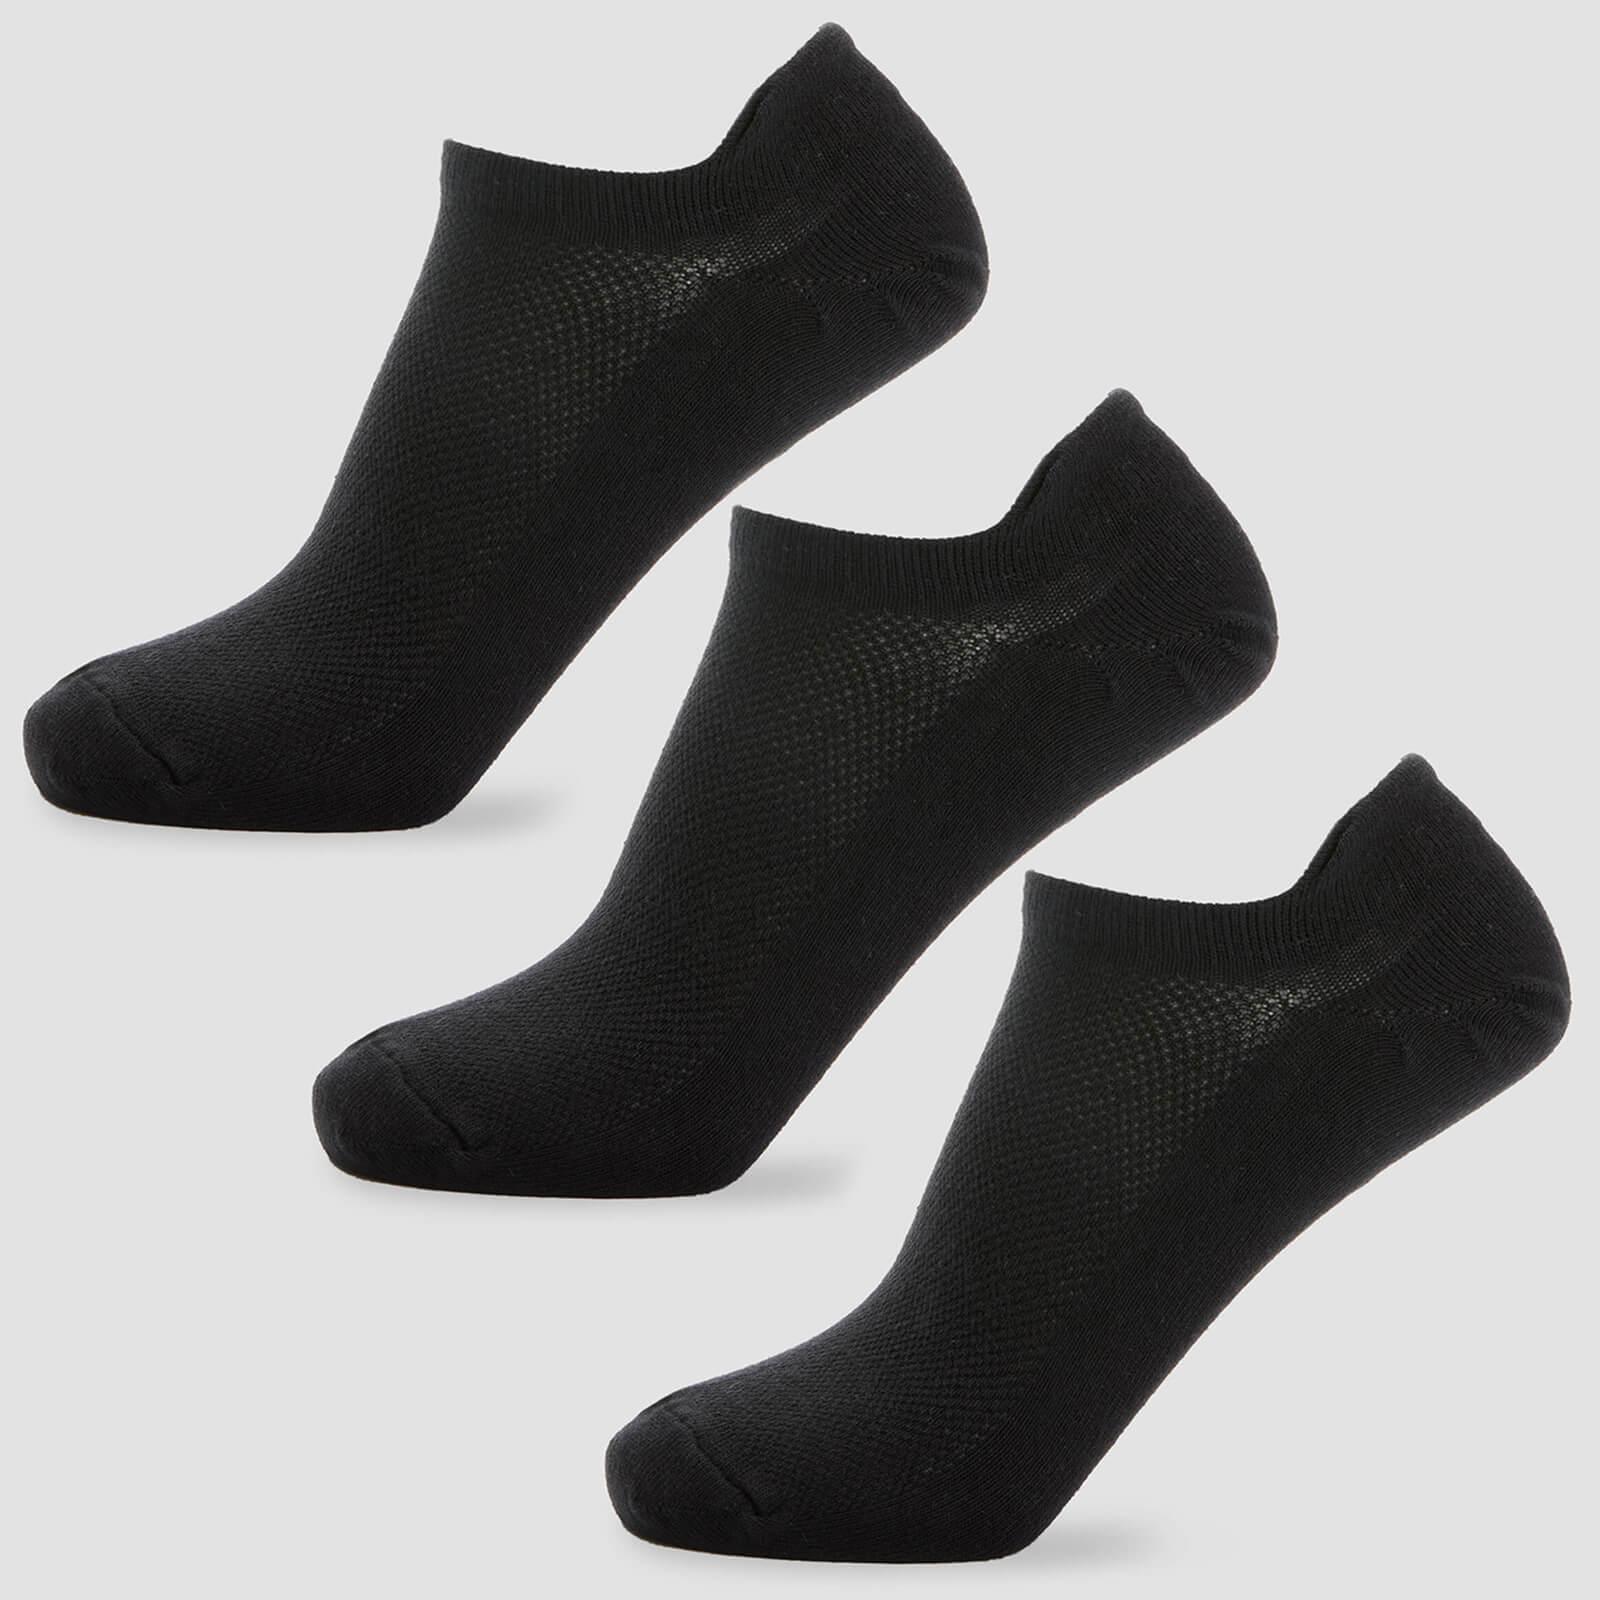 Chaussettes courtes pour homme - Blanc - UK 6-8